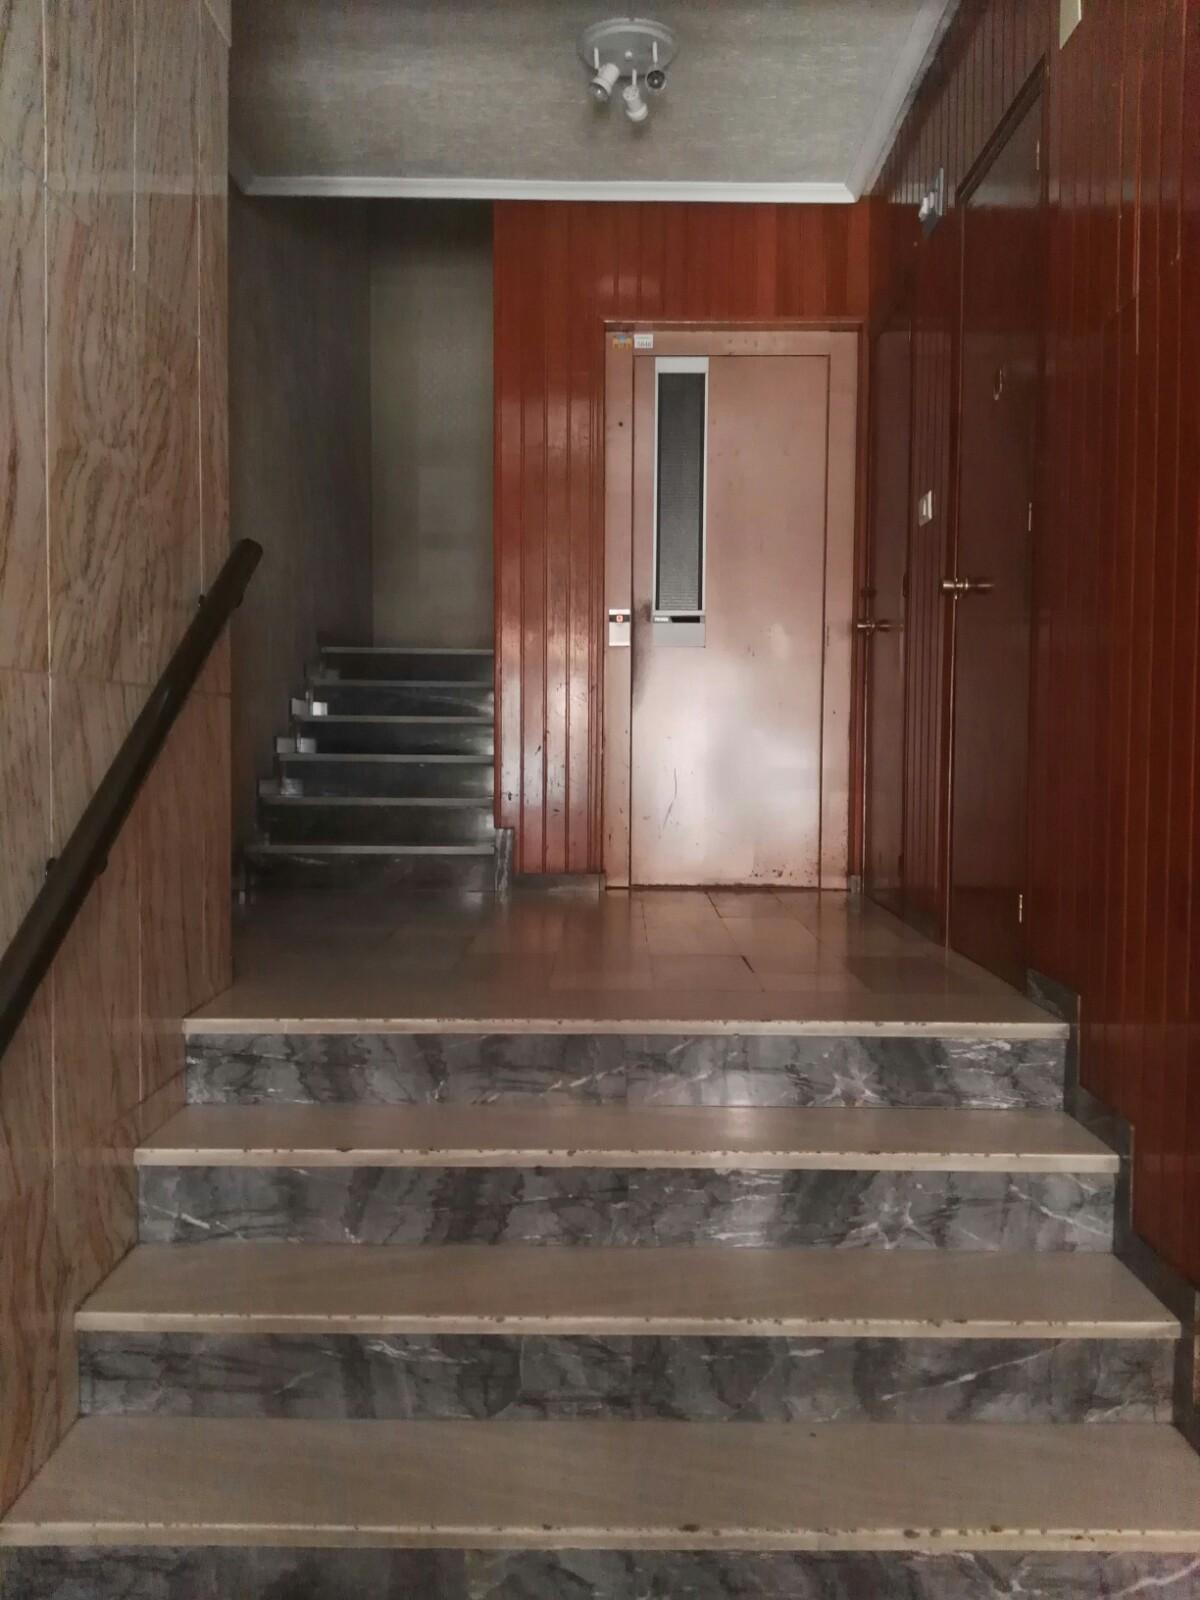 Piso en venta en Albatera, Alicante, Calle Santa Lidia, 83.000 €, 4 habitaciones, 2 baños, 163 m2